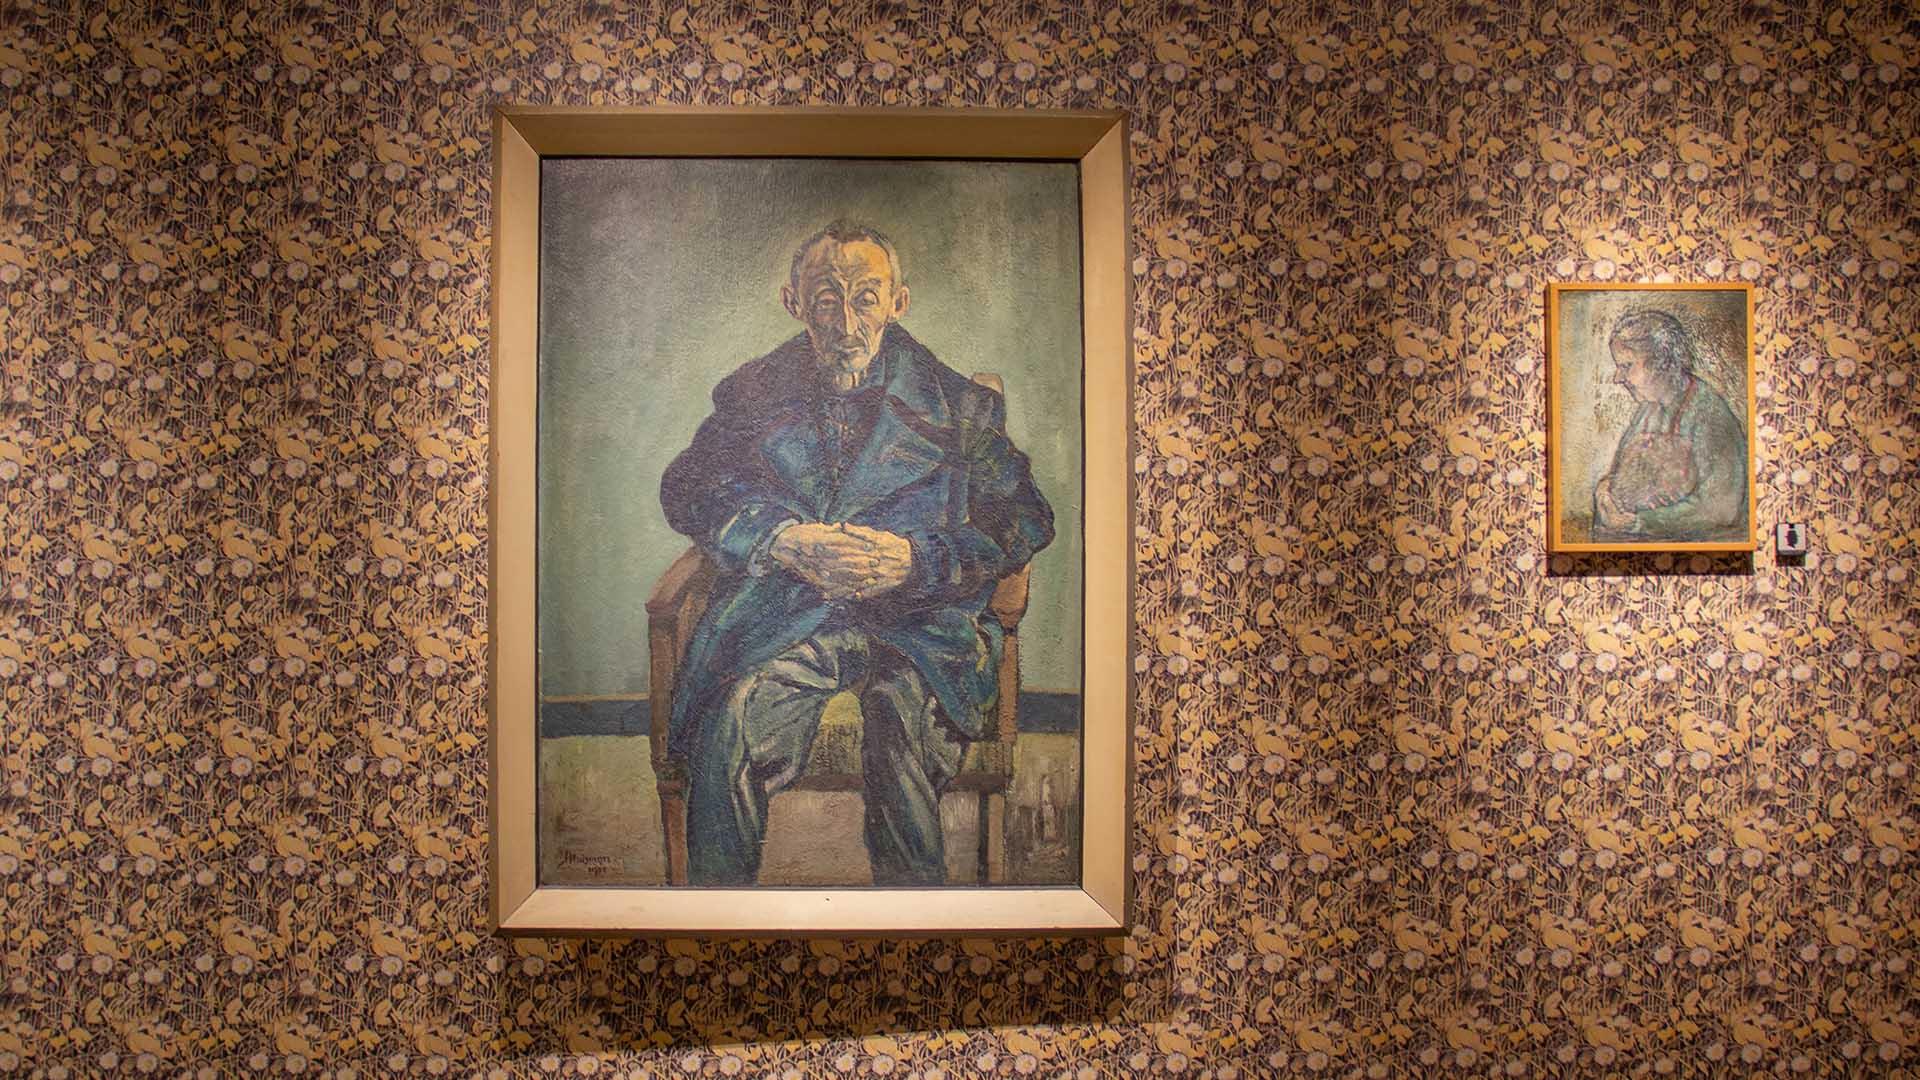 Schilderij Jopie Huisman tentoonstelling geschenk uit de hemel